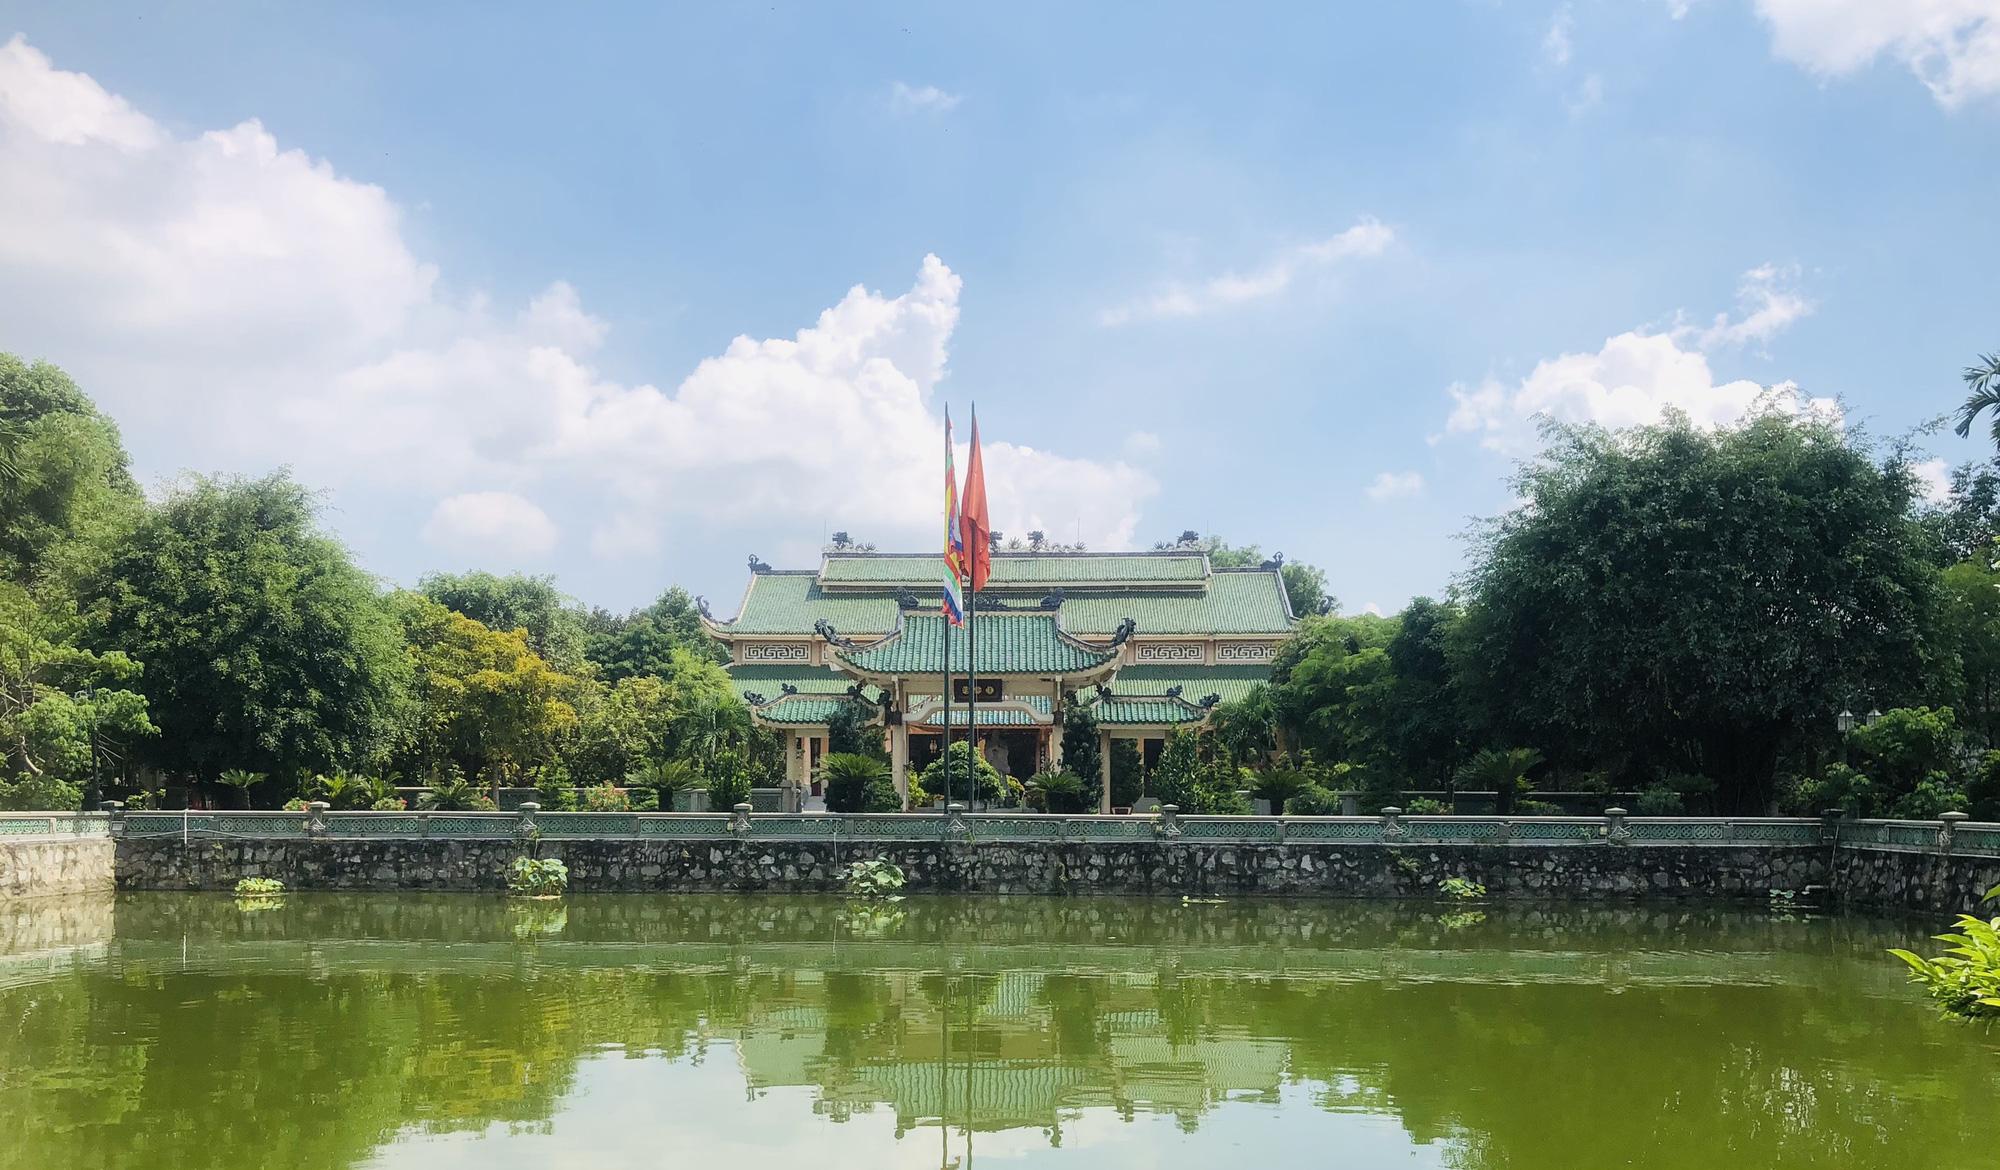 Văn miếu đầu tiên của miền Nam, nơi lưu giữ truyền thống văn hoá - giáo dục đất Biên Hoà - Ảnh 2.